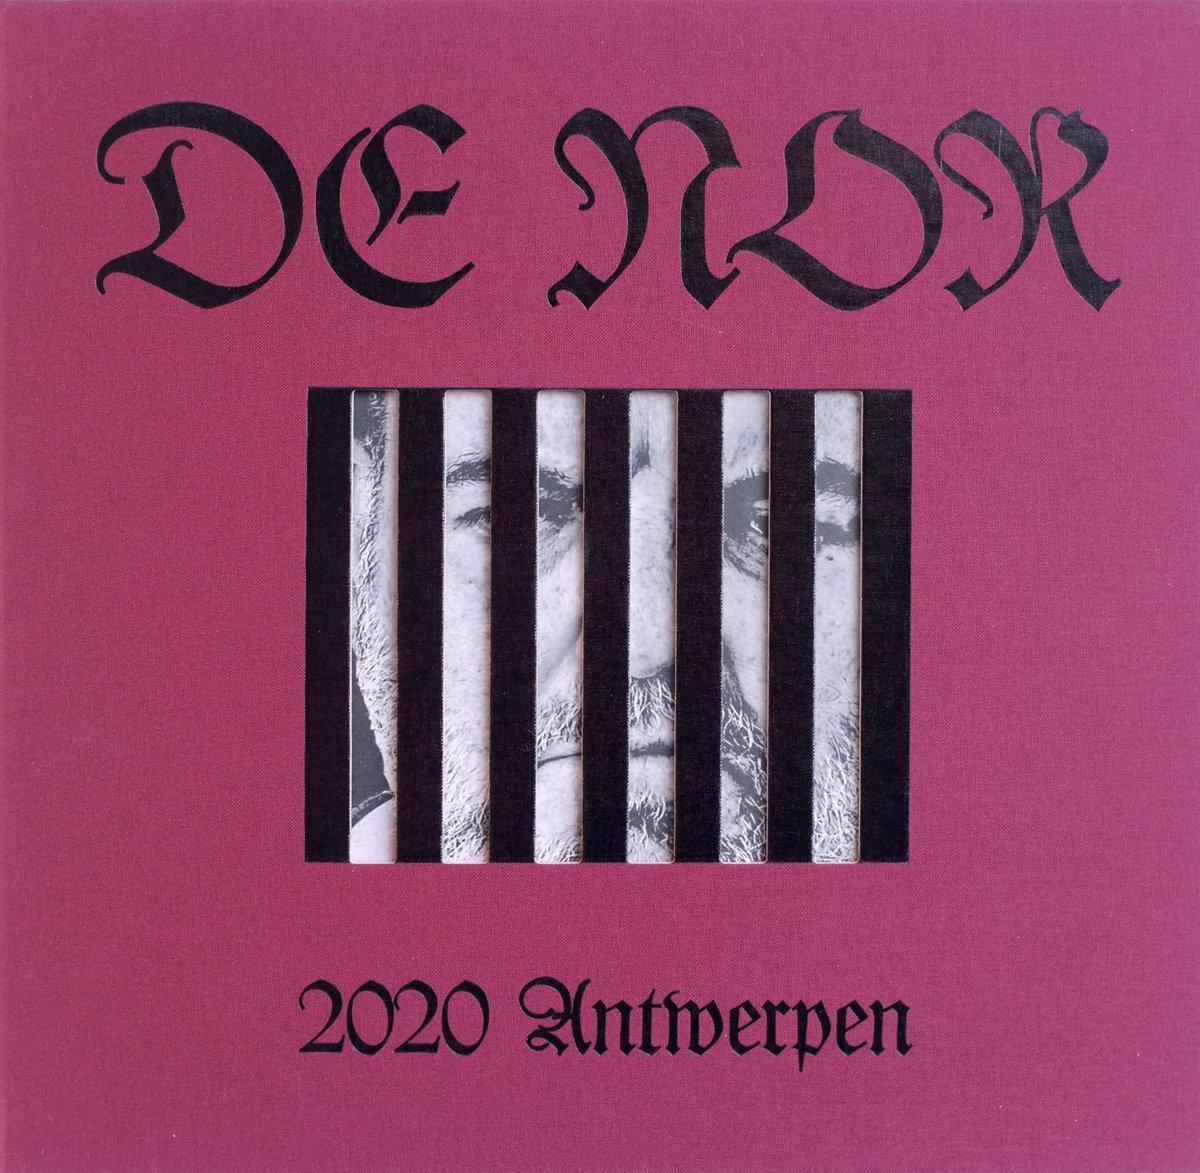 De Nor 2020 Antwerpen